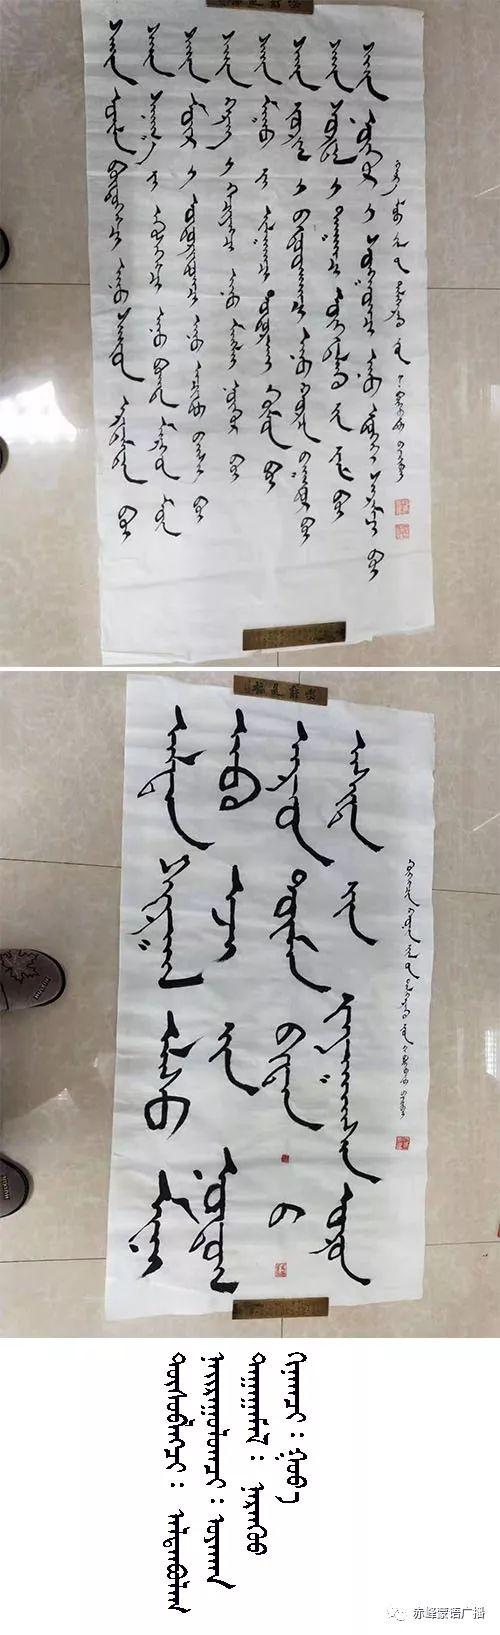 【音频】《赤峰蒙古族书法家》系列采访 (20) 第4张